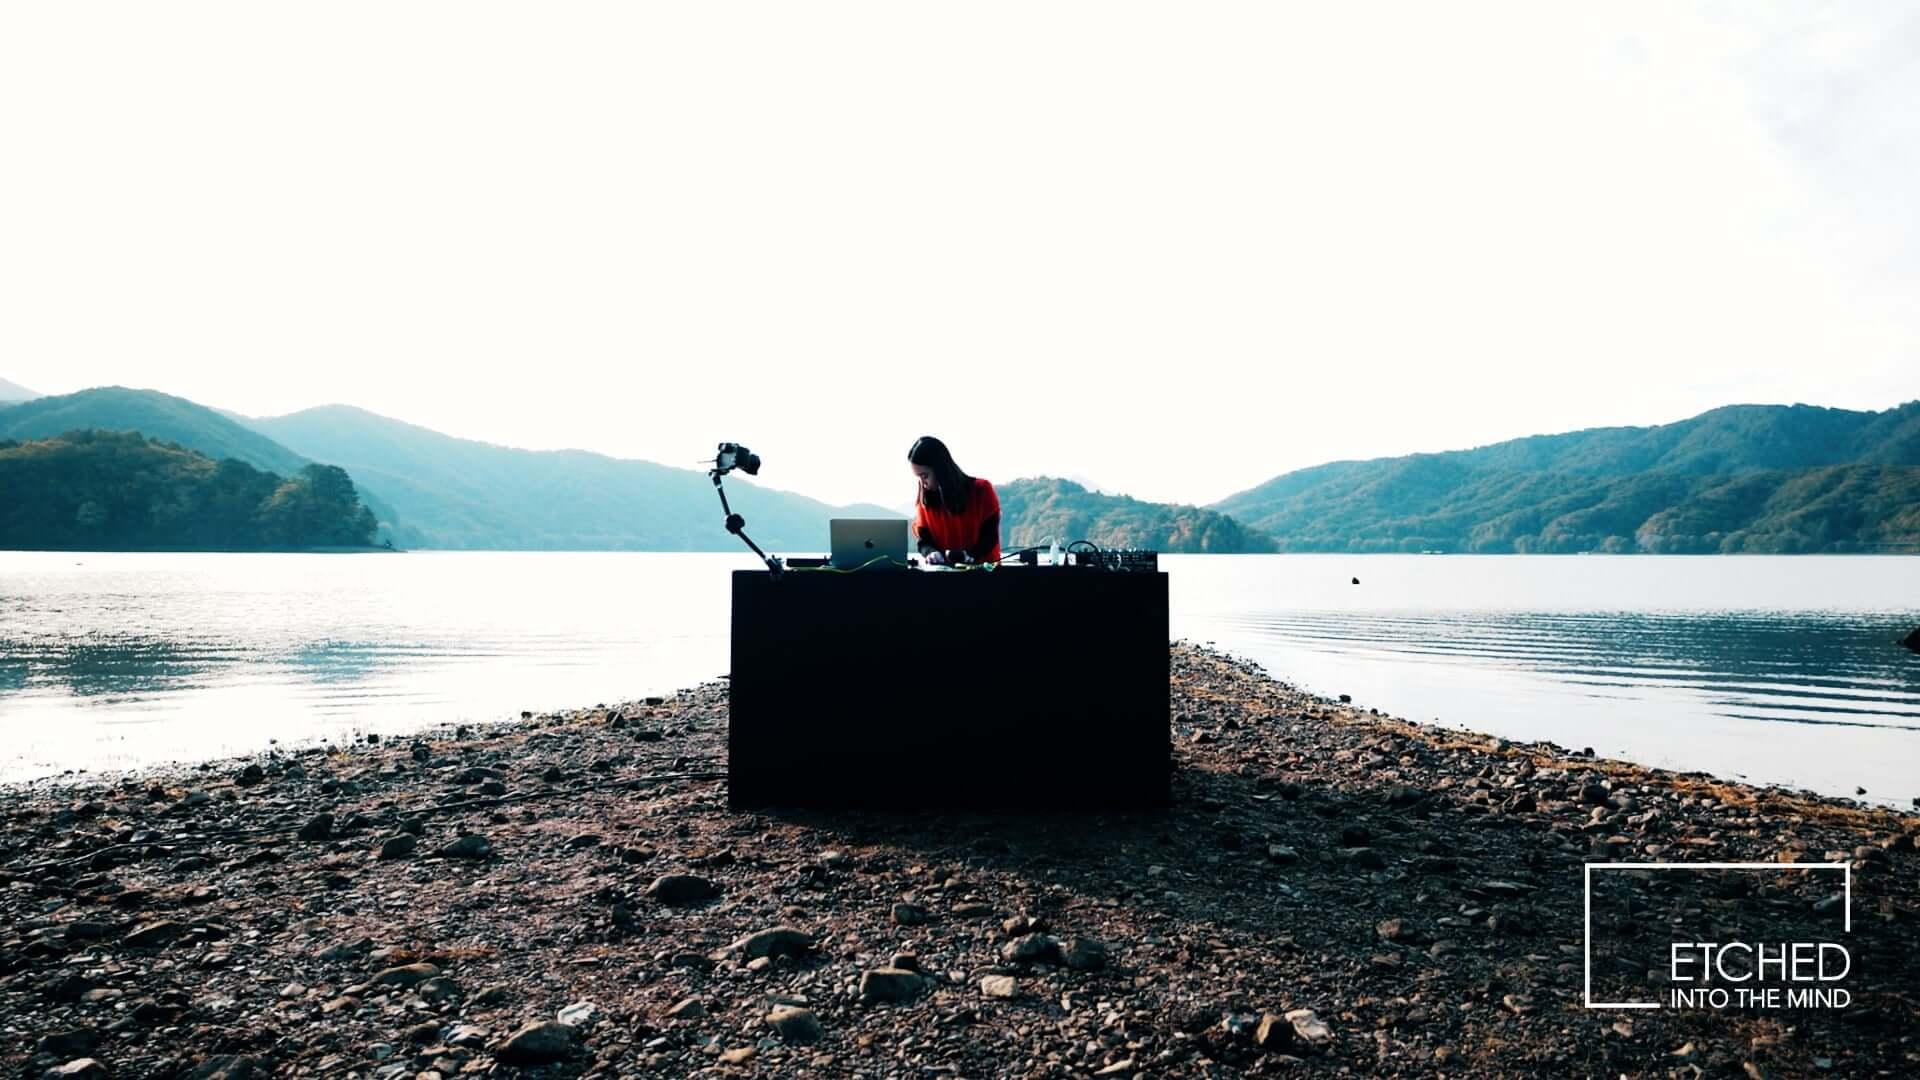 日本の風景&音楽を発信するアートプロジェクト「ETCHED」にSakura Tsurutaが登場!4Kのライブ映像が無料公開 music201120_etched_3-1920x1080